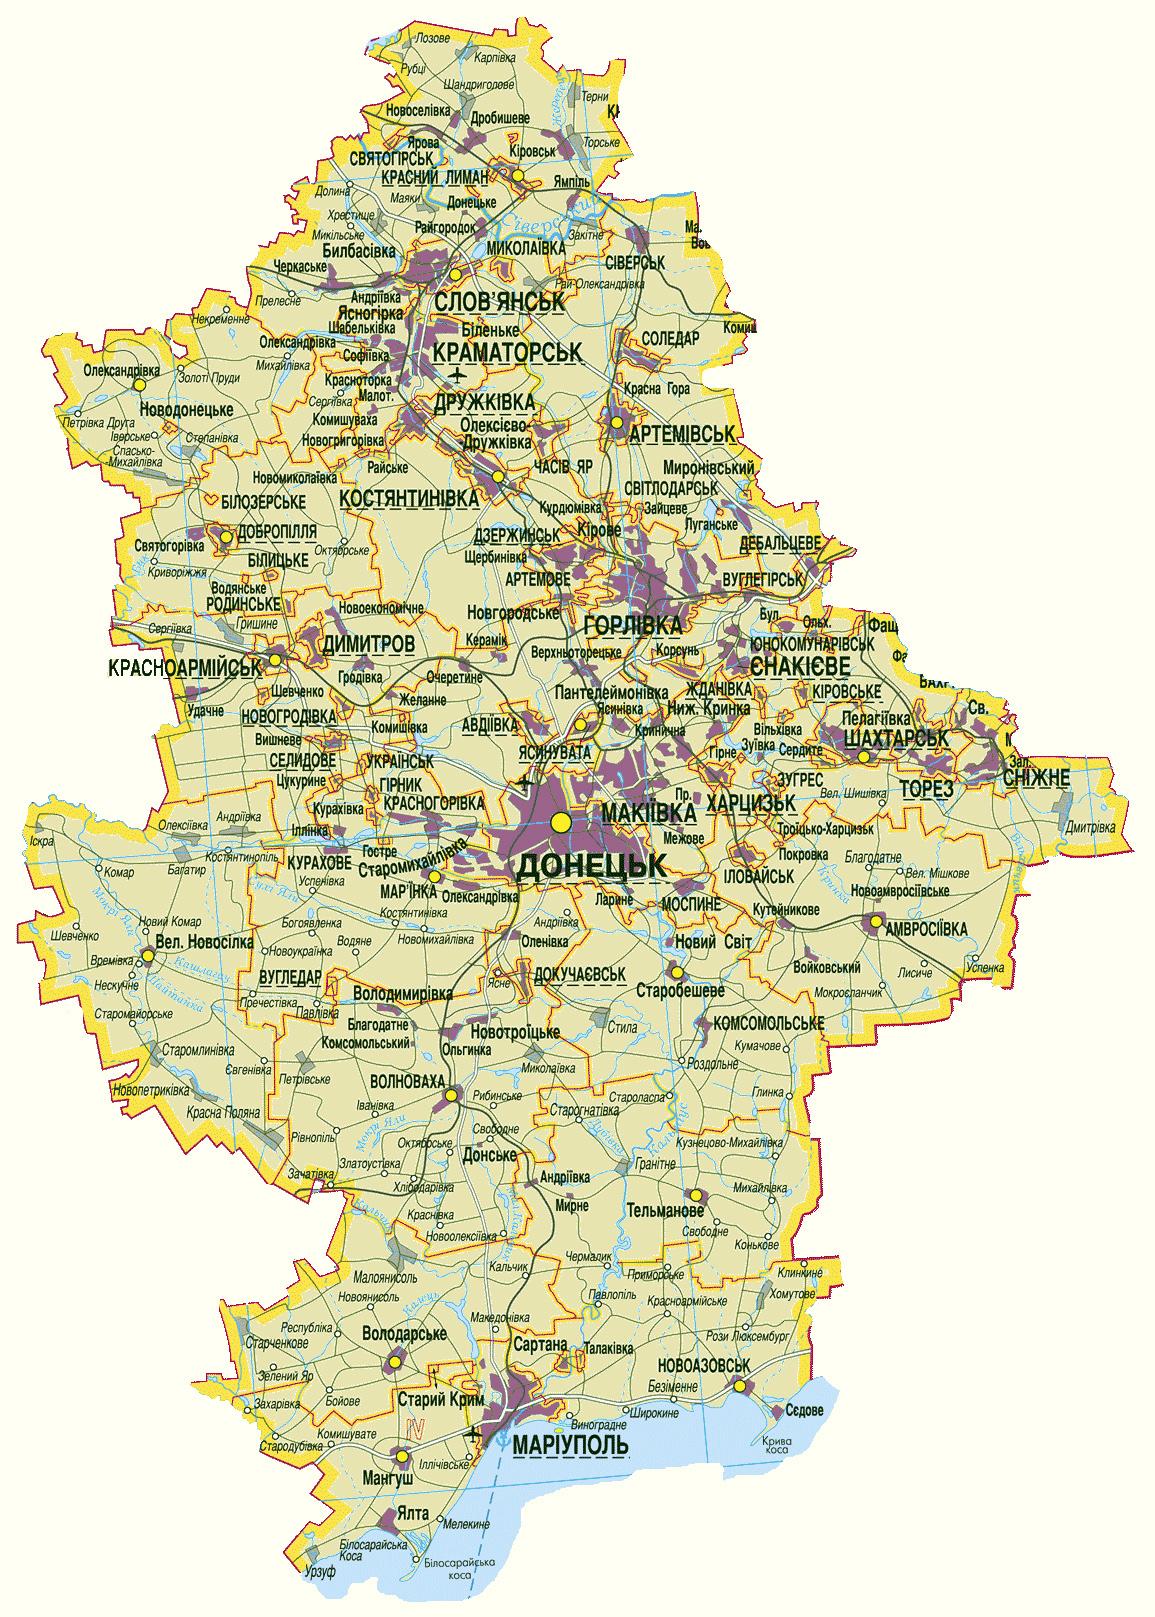 Донецкая область. Карта автомобильных дорог Донецкой ...: http://www.raster-maps.com/map-of-ukraine-31/